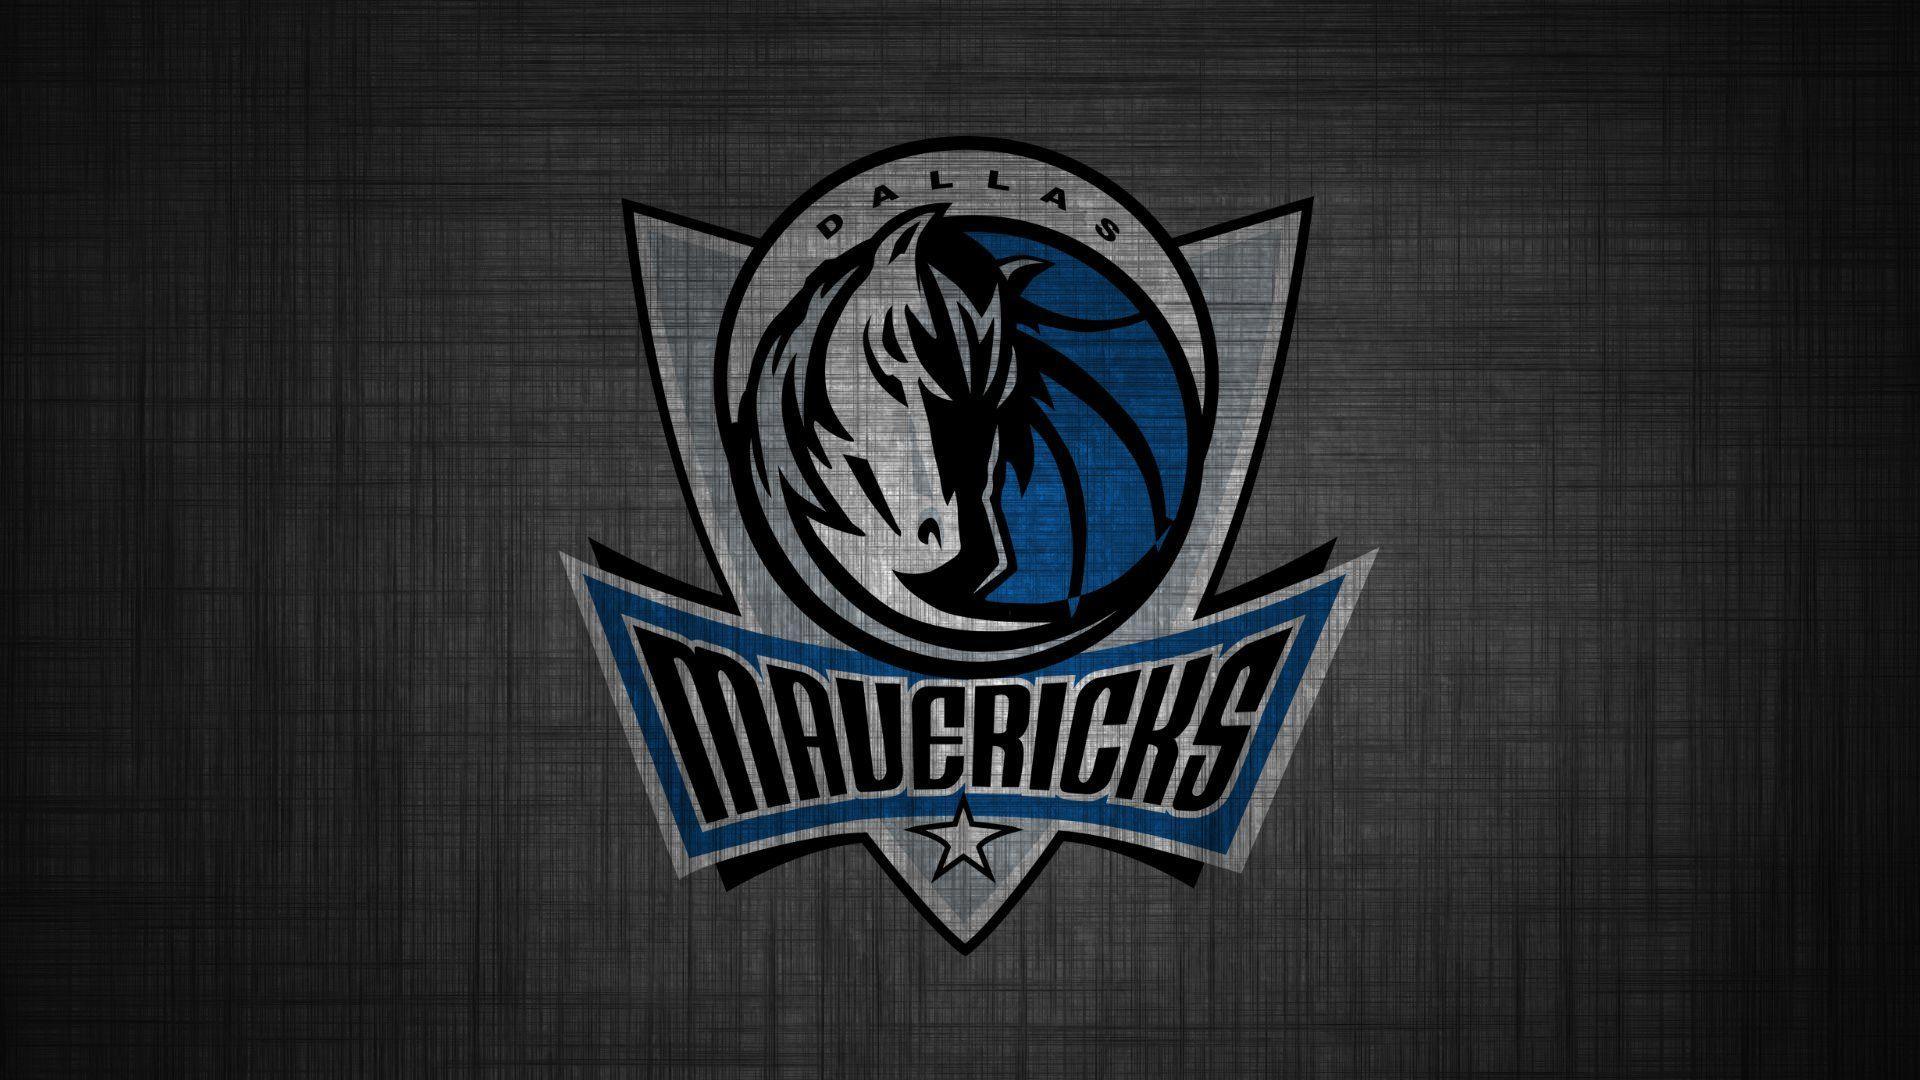 [48+] Dallas Mavericks Desktop Wallpaper on WallpaperSafari |Dallas Mavericks Wallpapers